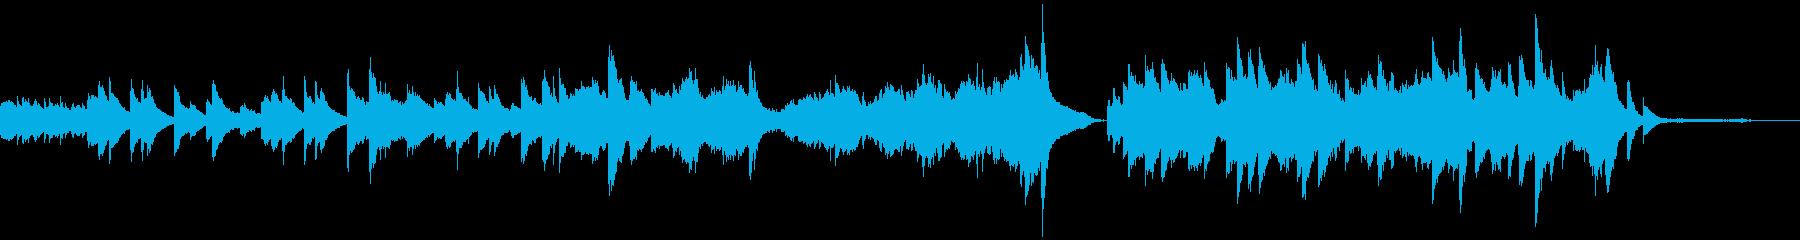 風をイメージした1分ちょうどのピアノソロの再生済みの波形